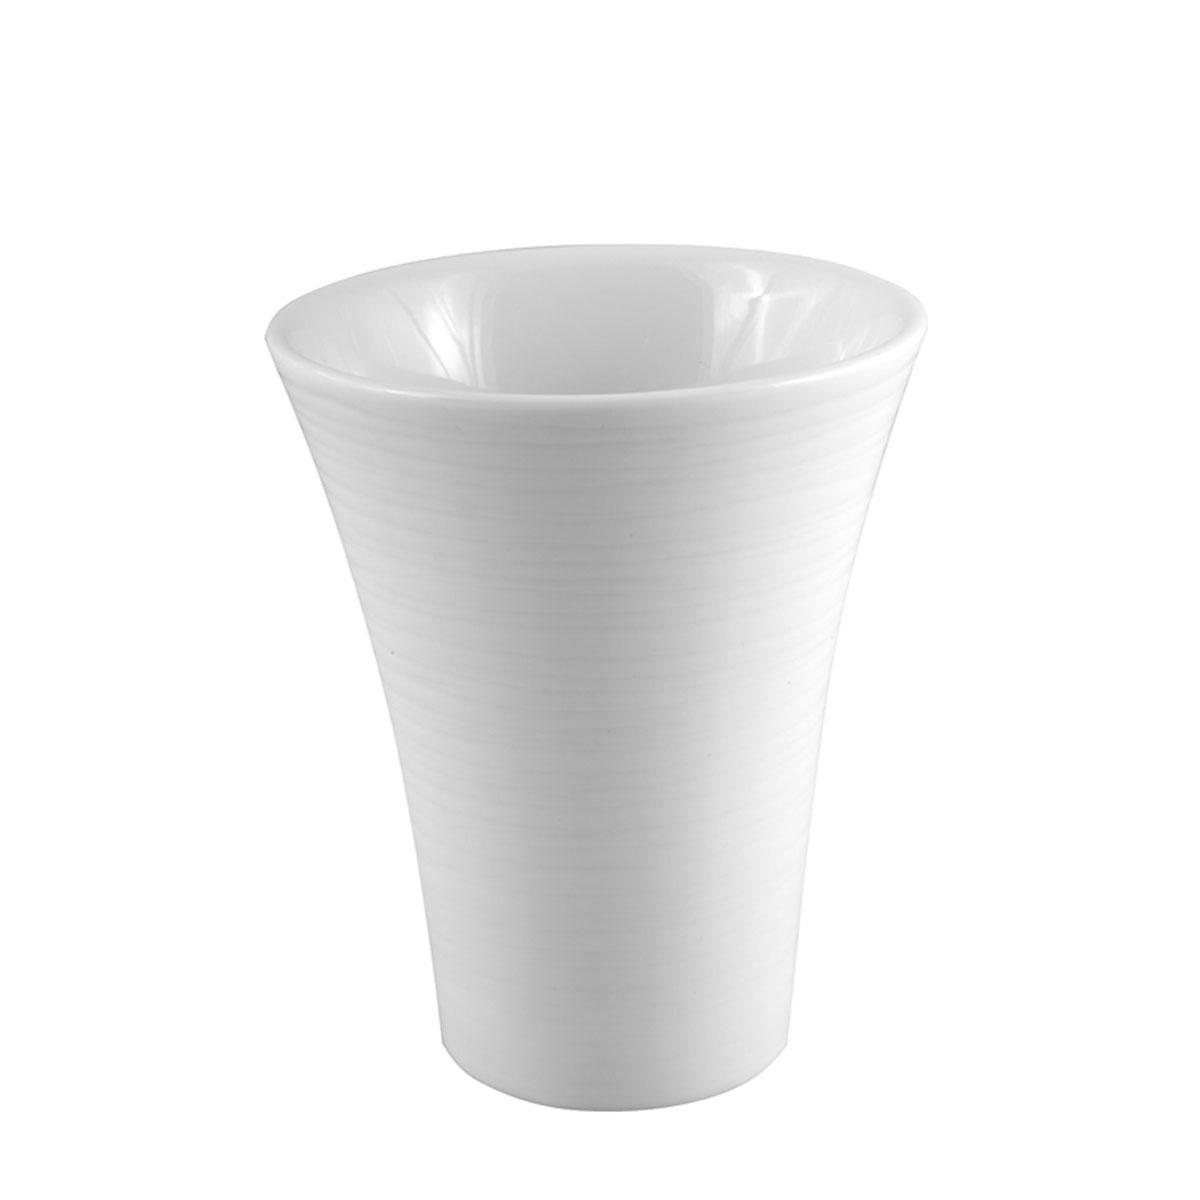 Gobelet en porcelaine rayée blanc